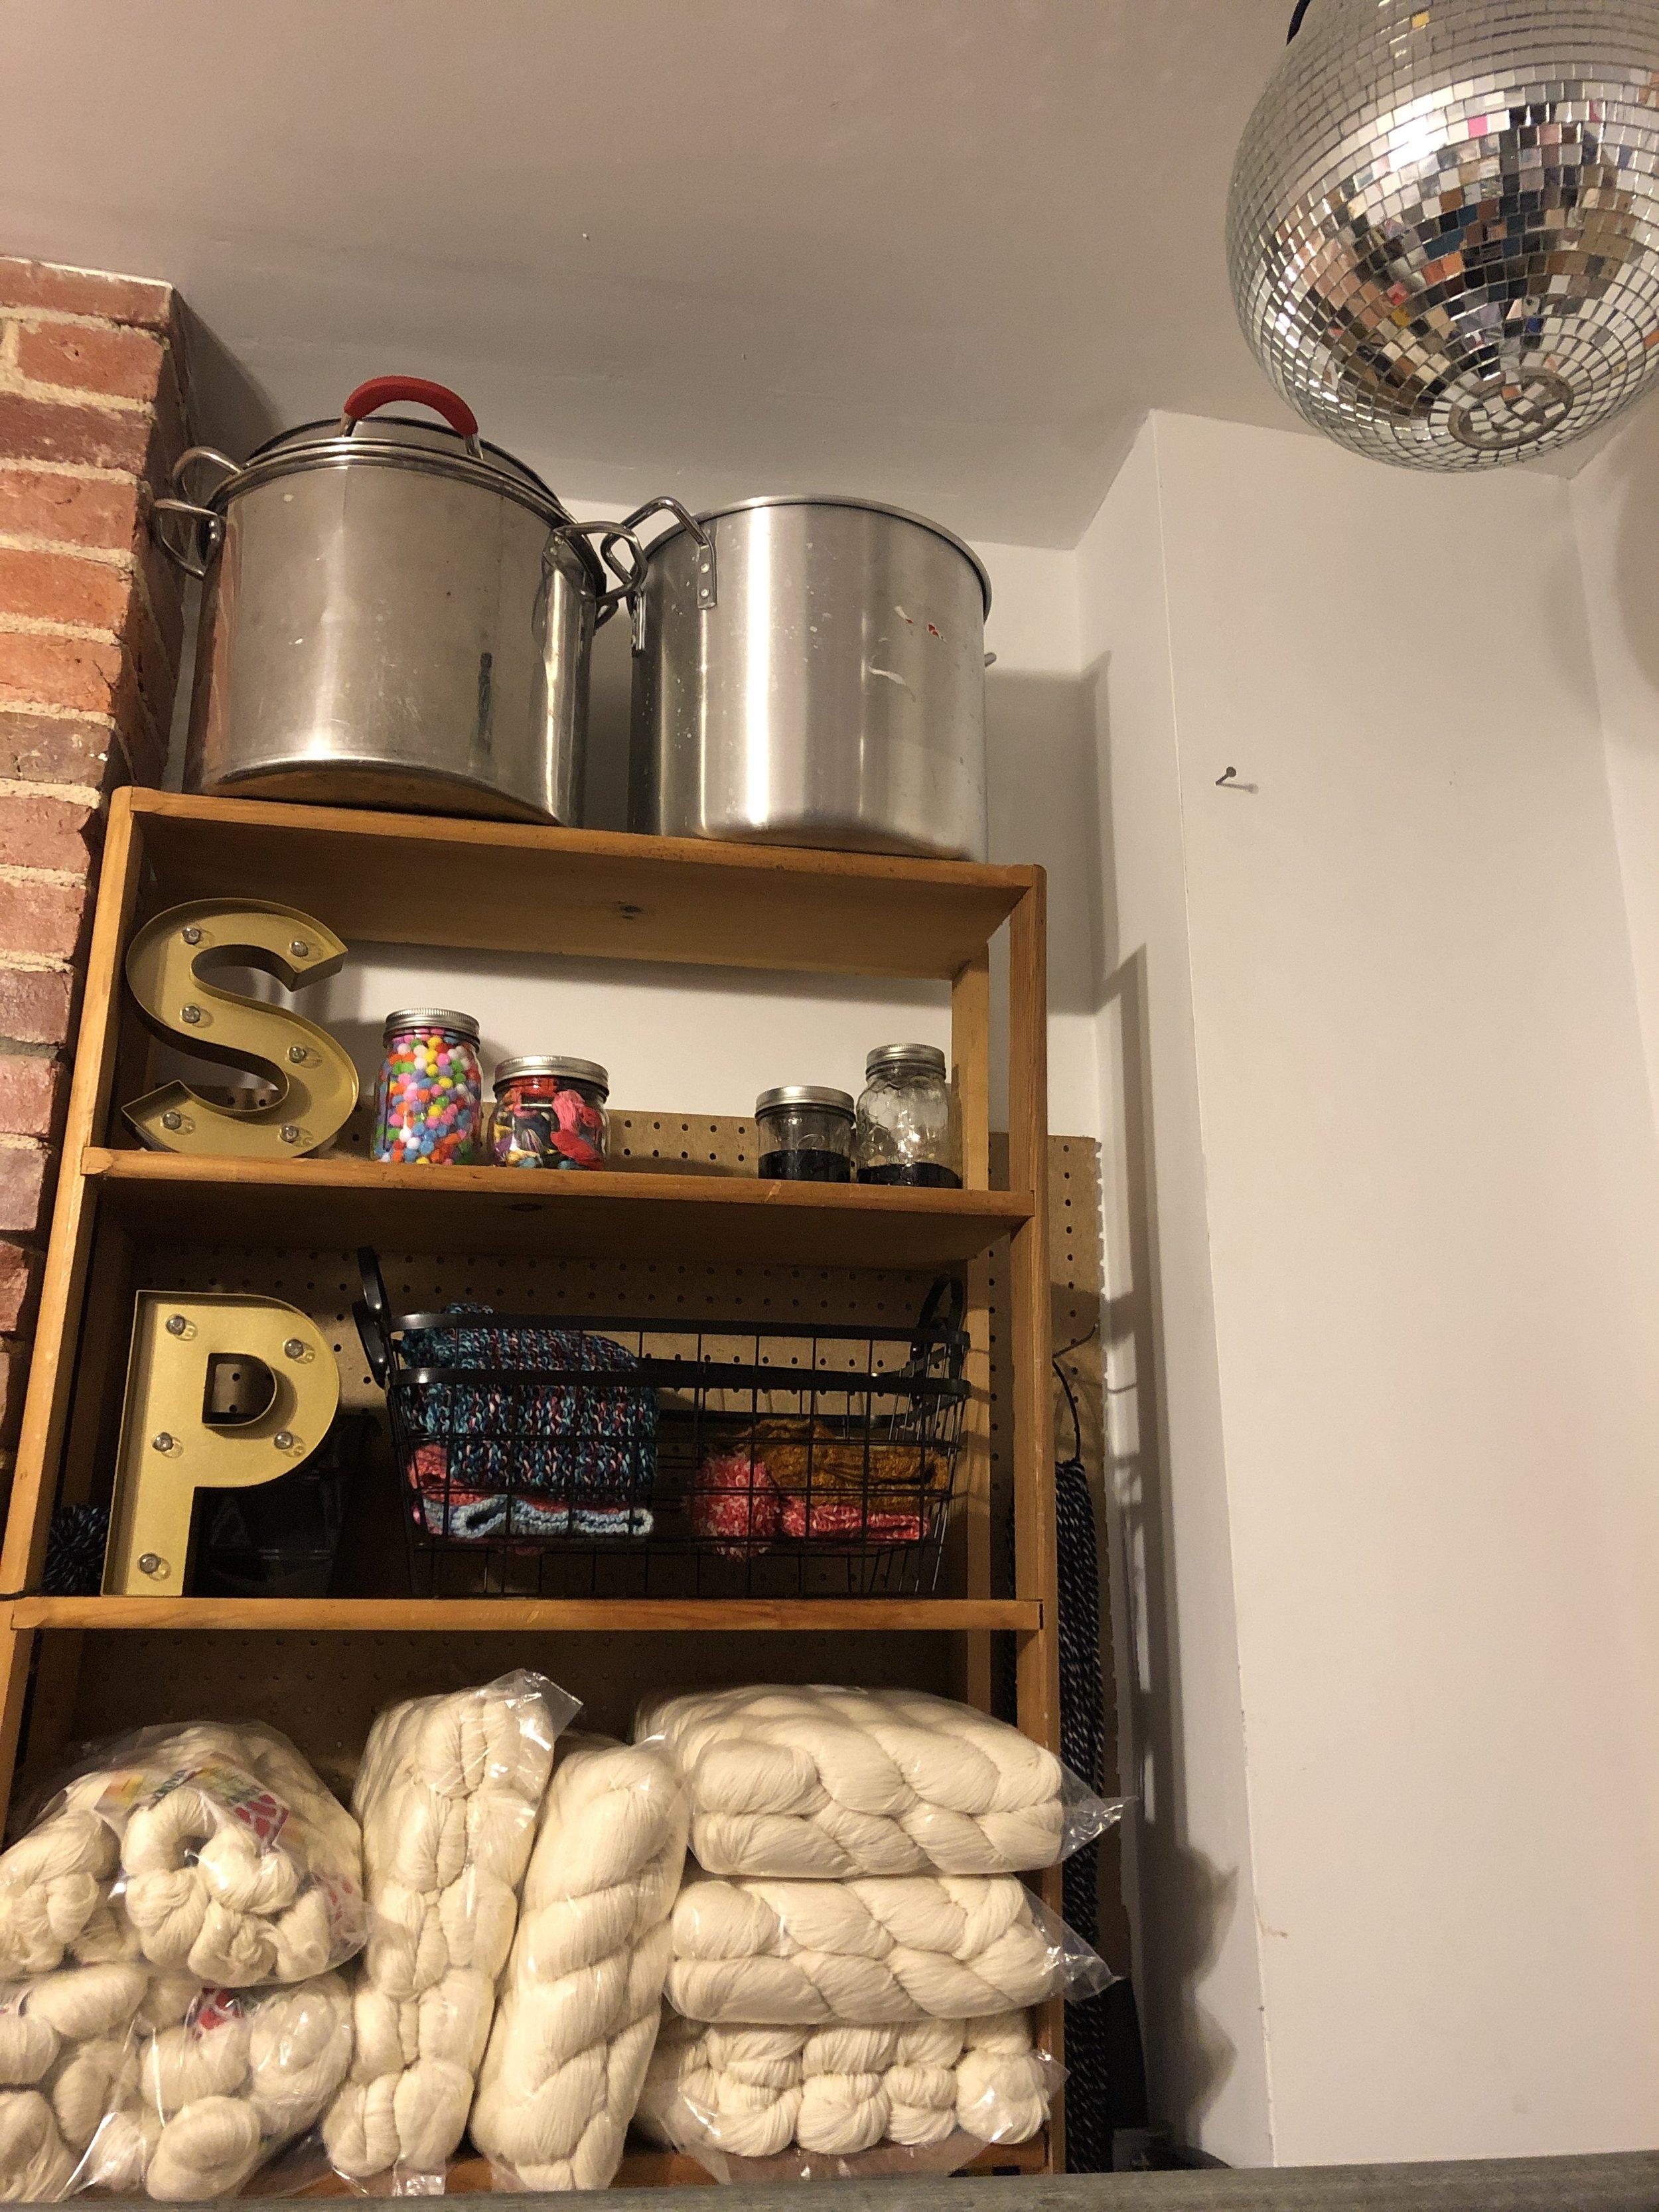 Ooh, ahhh, look at this super cute indie dyers' studio!